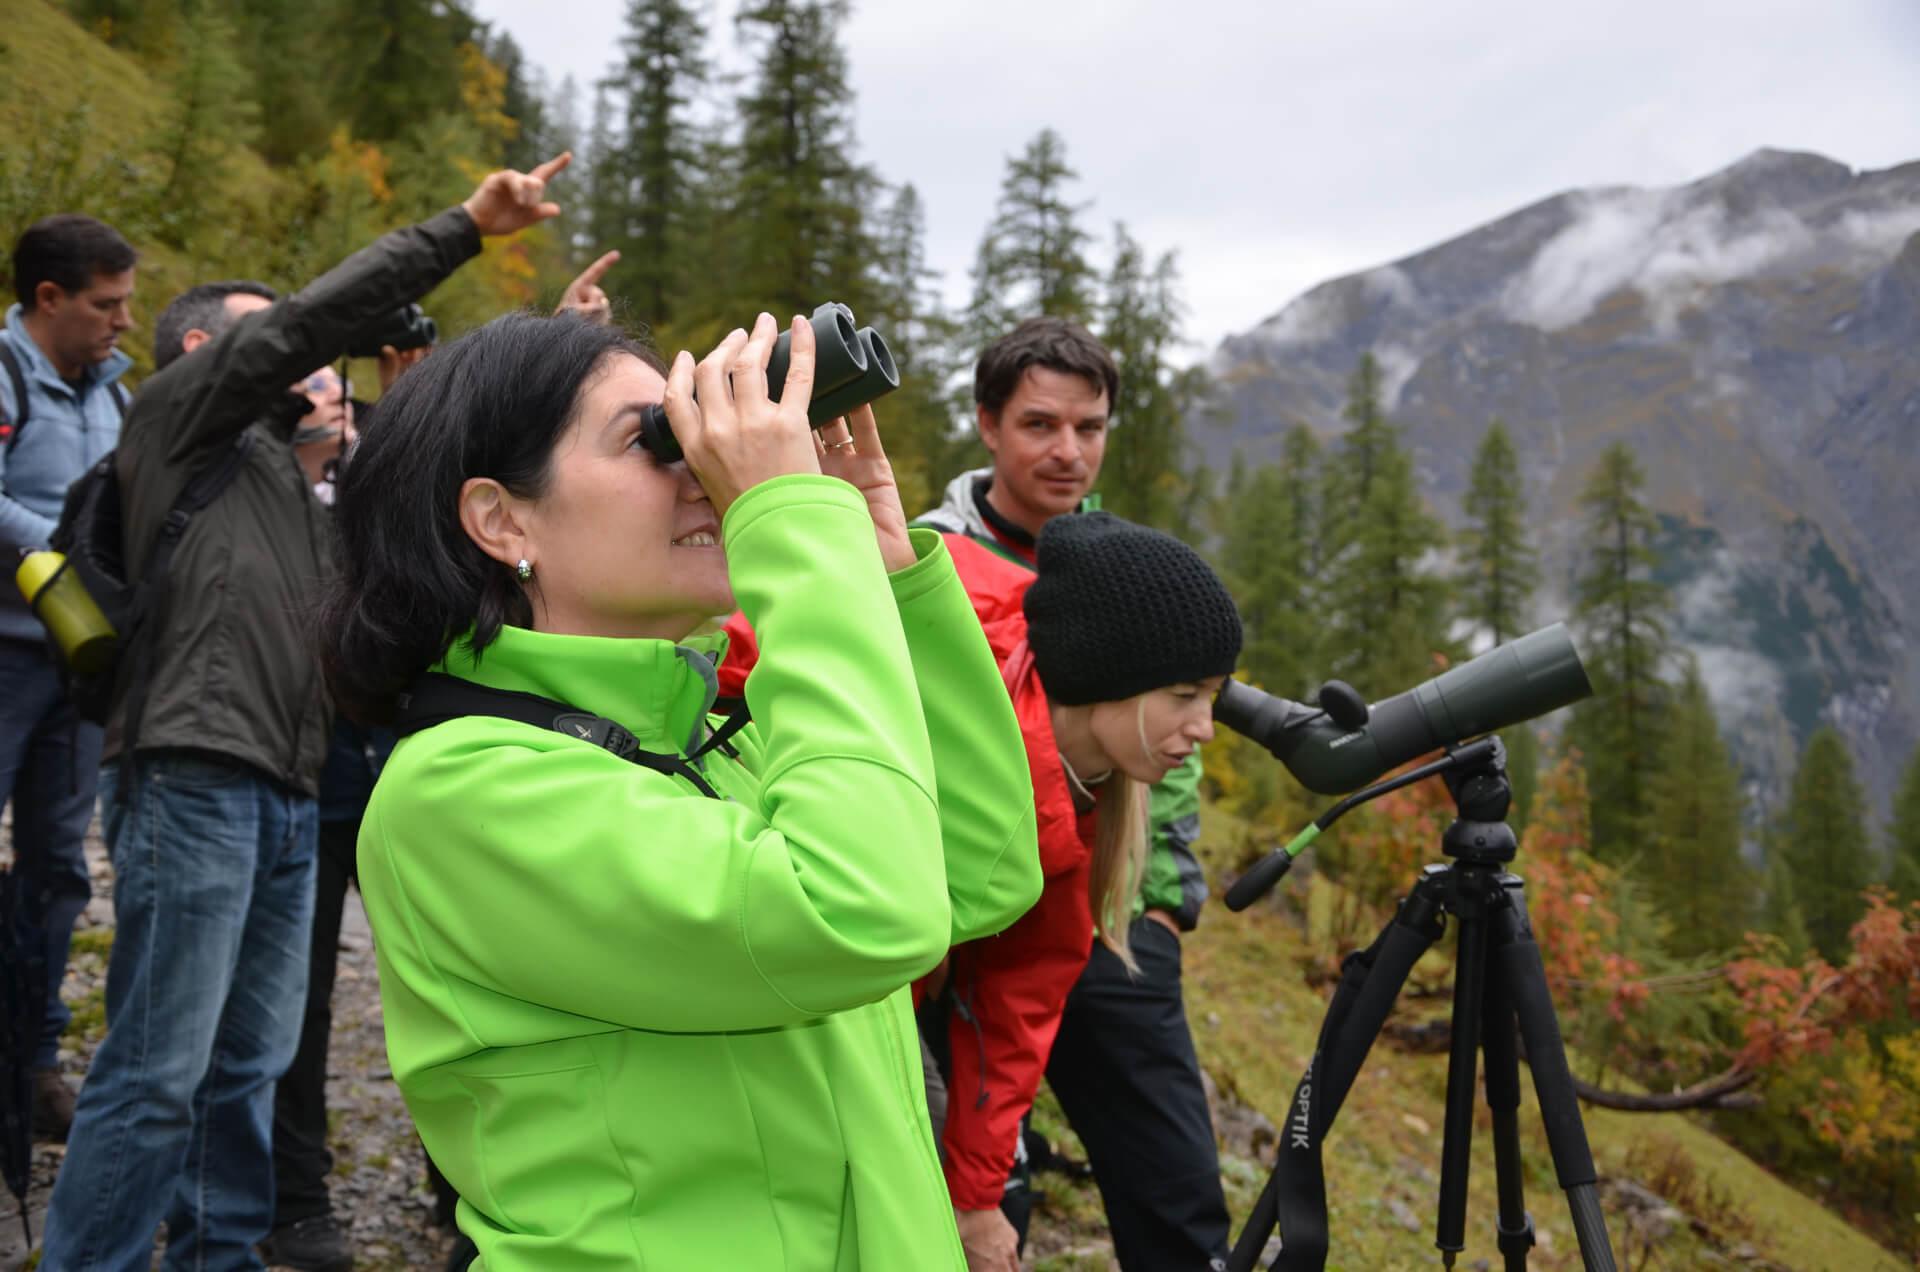 Naturführung mit Hermann Sonntag, wobei die TeilnehmerInnen mit Fernoptik von Swarovski Optik Ausschau nach Tieren halten.